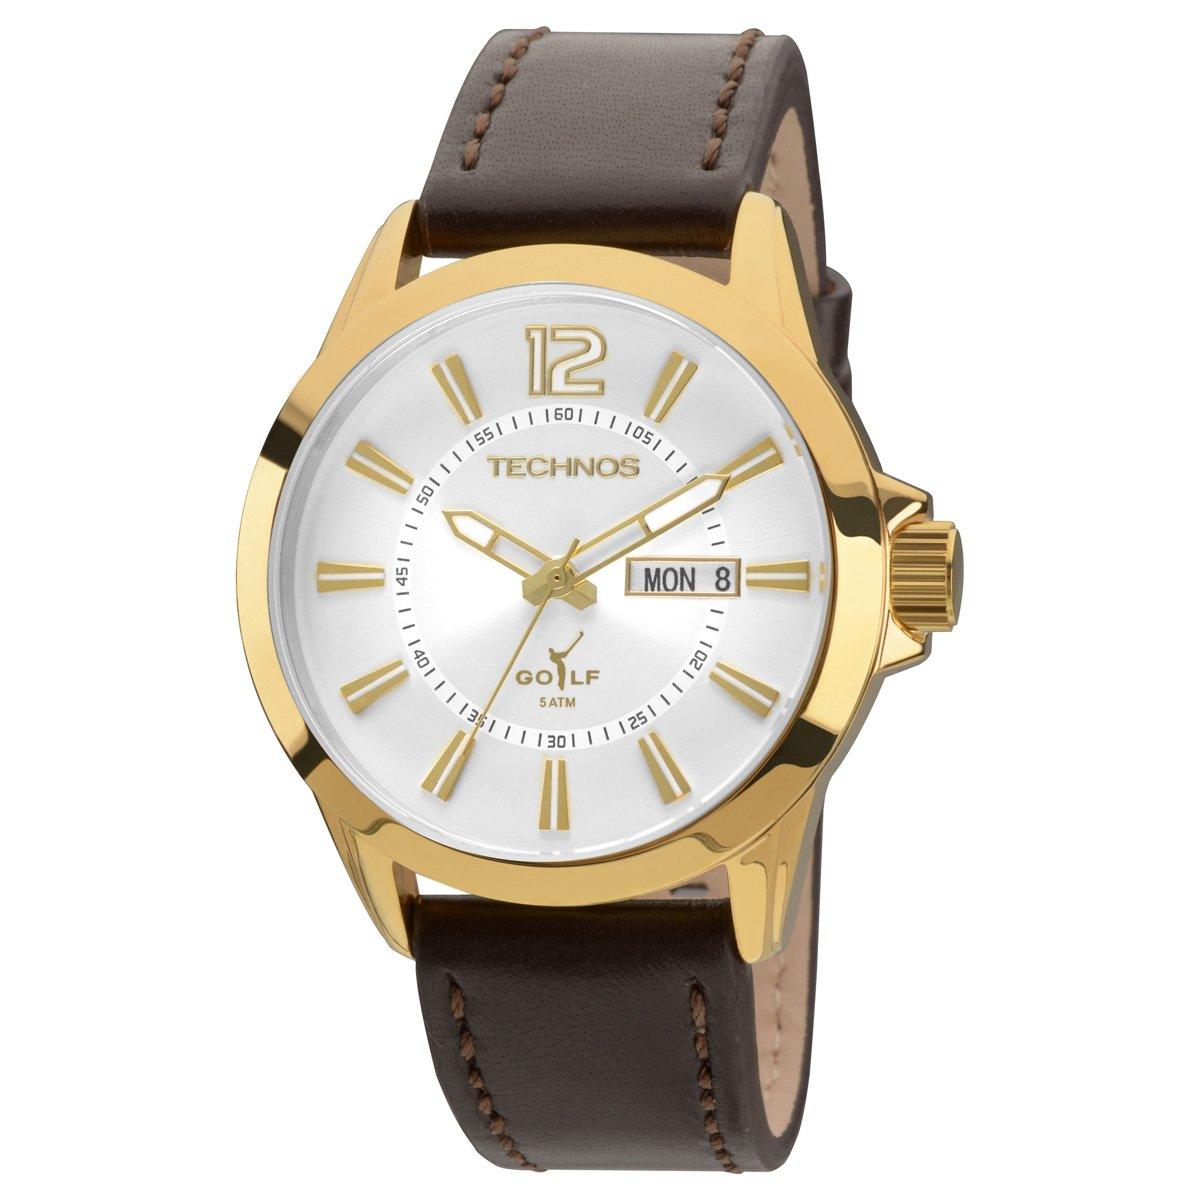 Relógio Technos Pulseira Couro - Compre Agora   Netshoes f9ed35536e